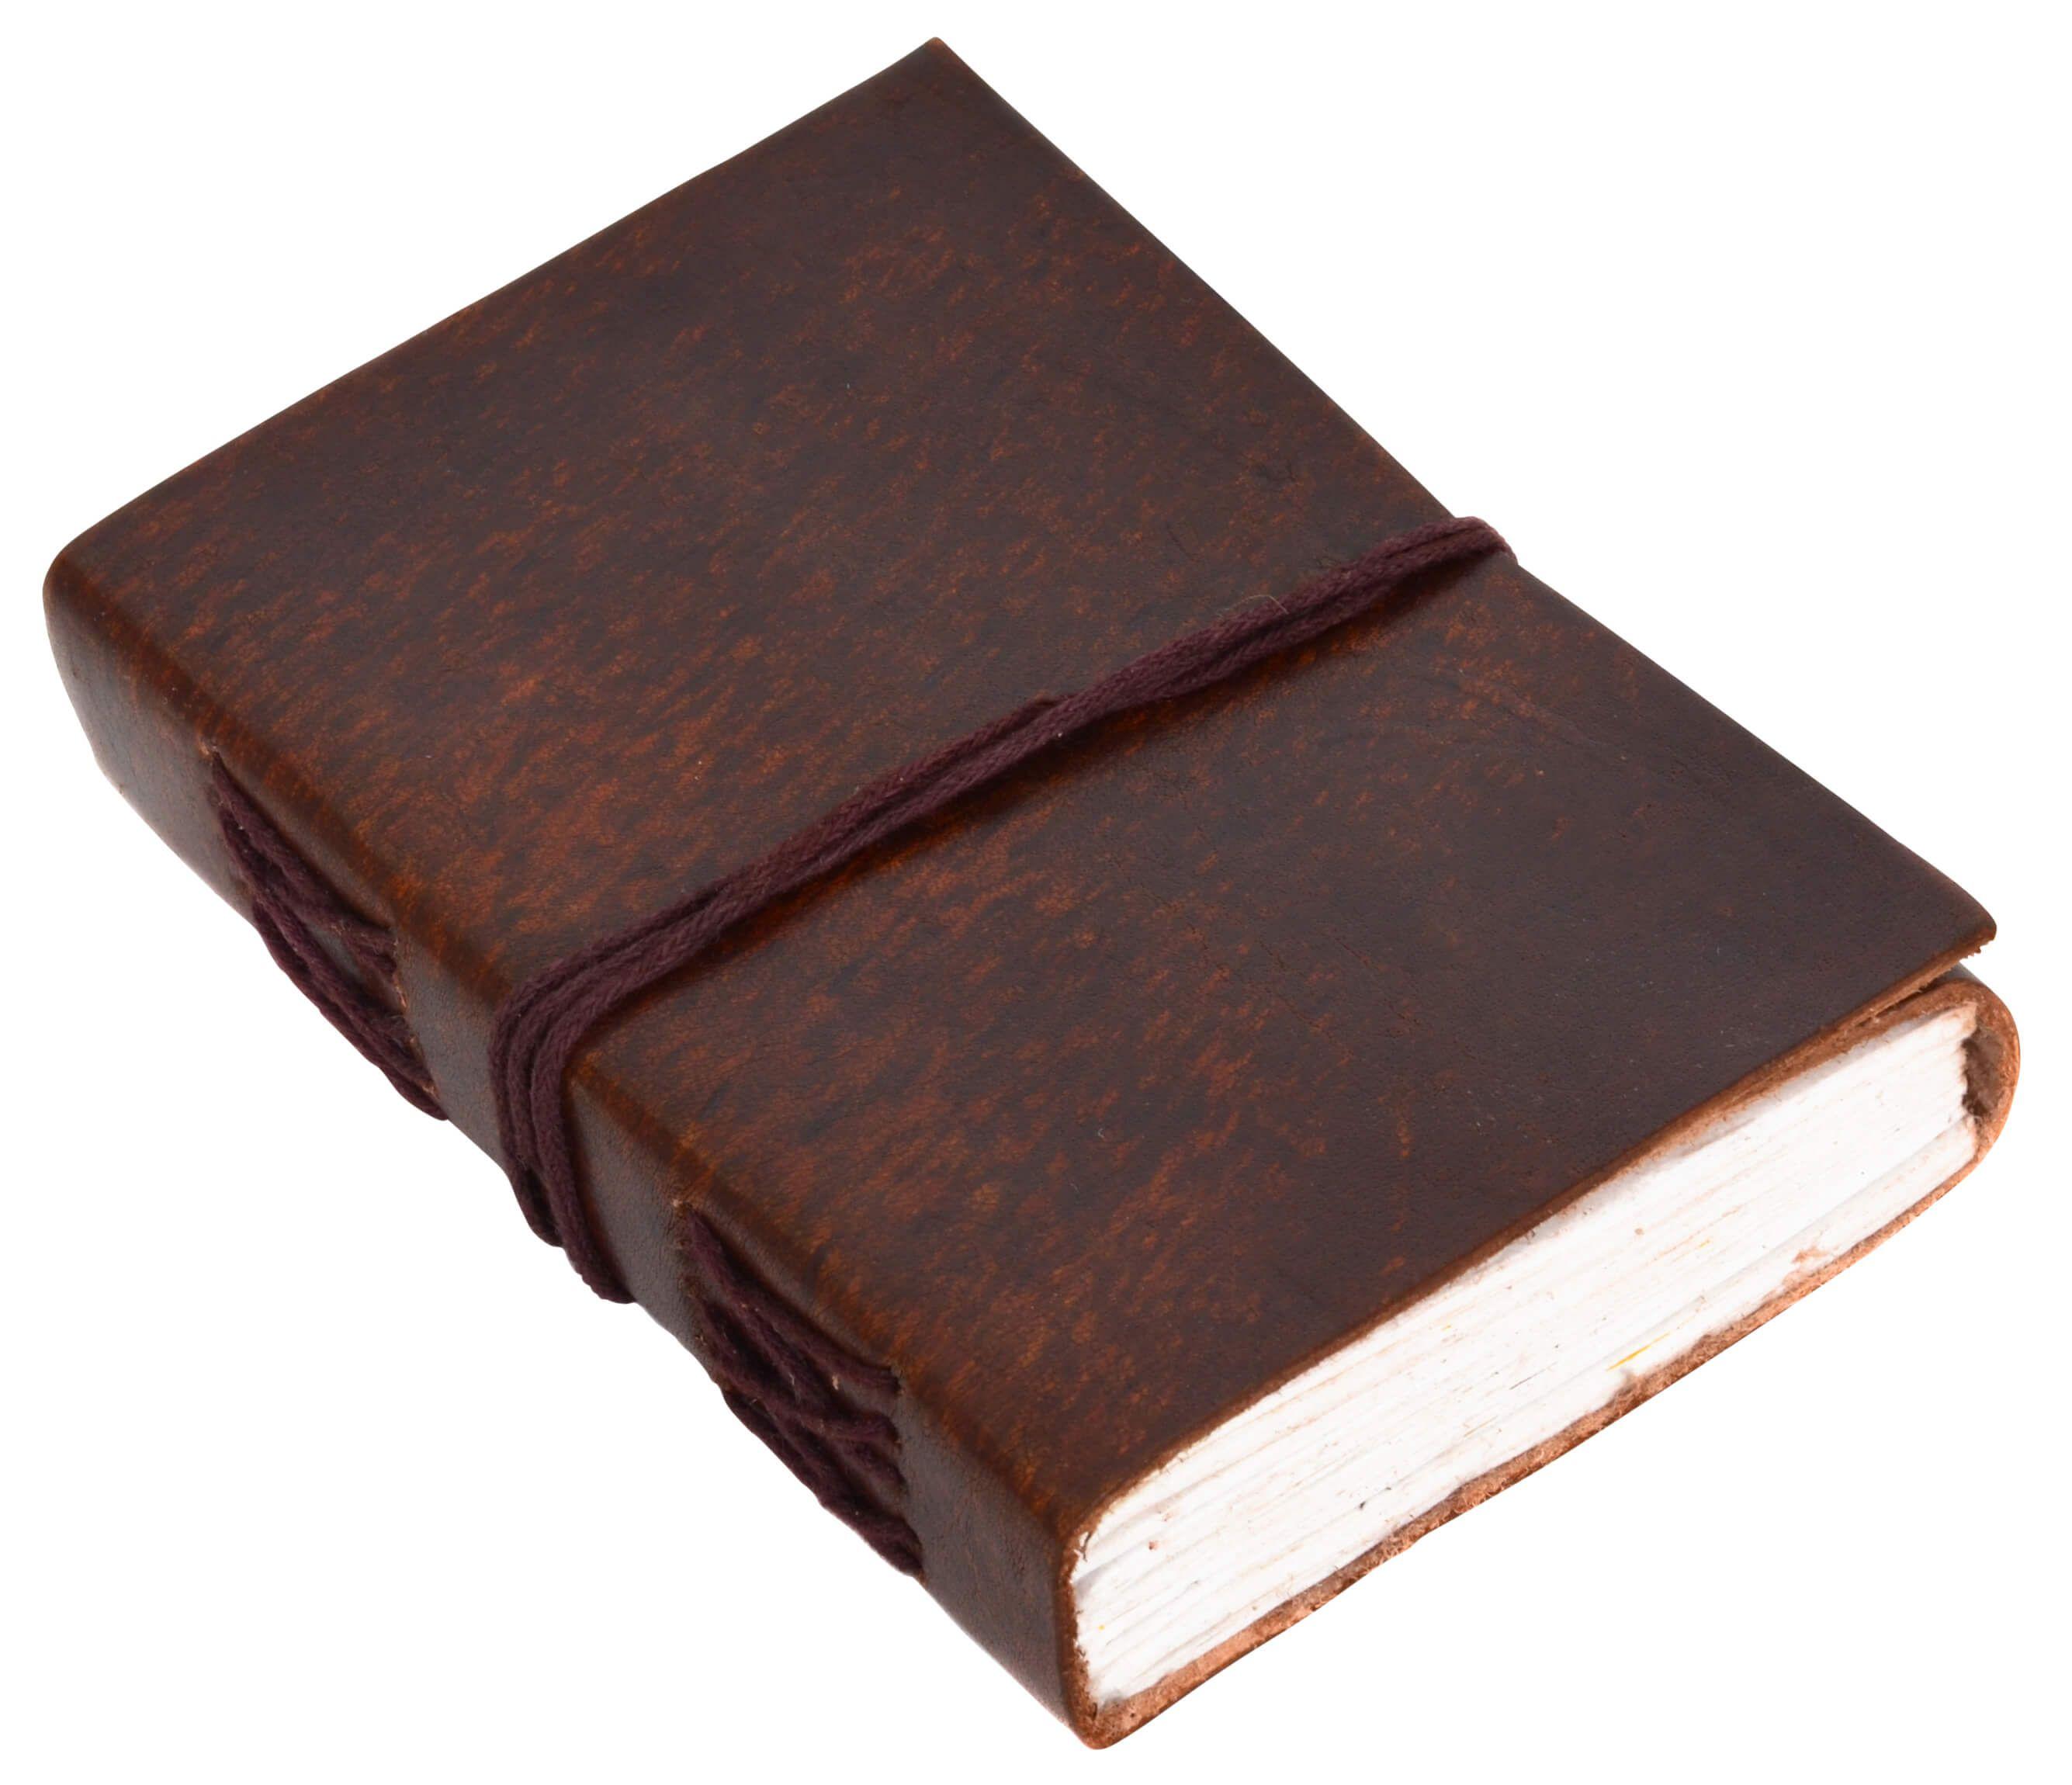 """Edel und schön – das ist """"Ebony"""". Das Buch mit einem naturgegerbtem und ungeprägten Einband aus Rindsleder überzeugt mit kleinen Raffinessen, wie der braunen Schnürung. Das glatte Leder verleiht dem Buch seine Eleganz - Lederbuch - Notizbuch - Gusti Leder - P14"""